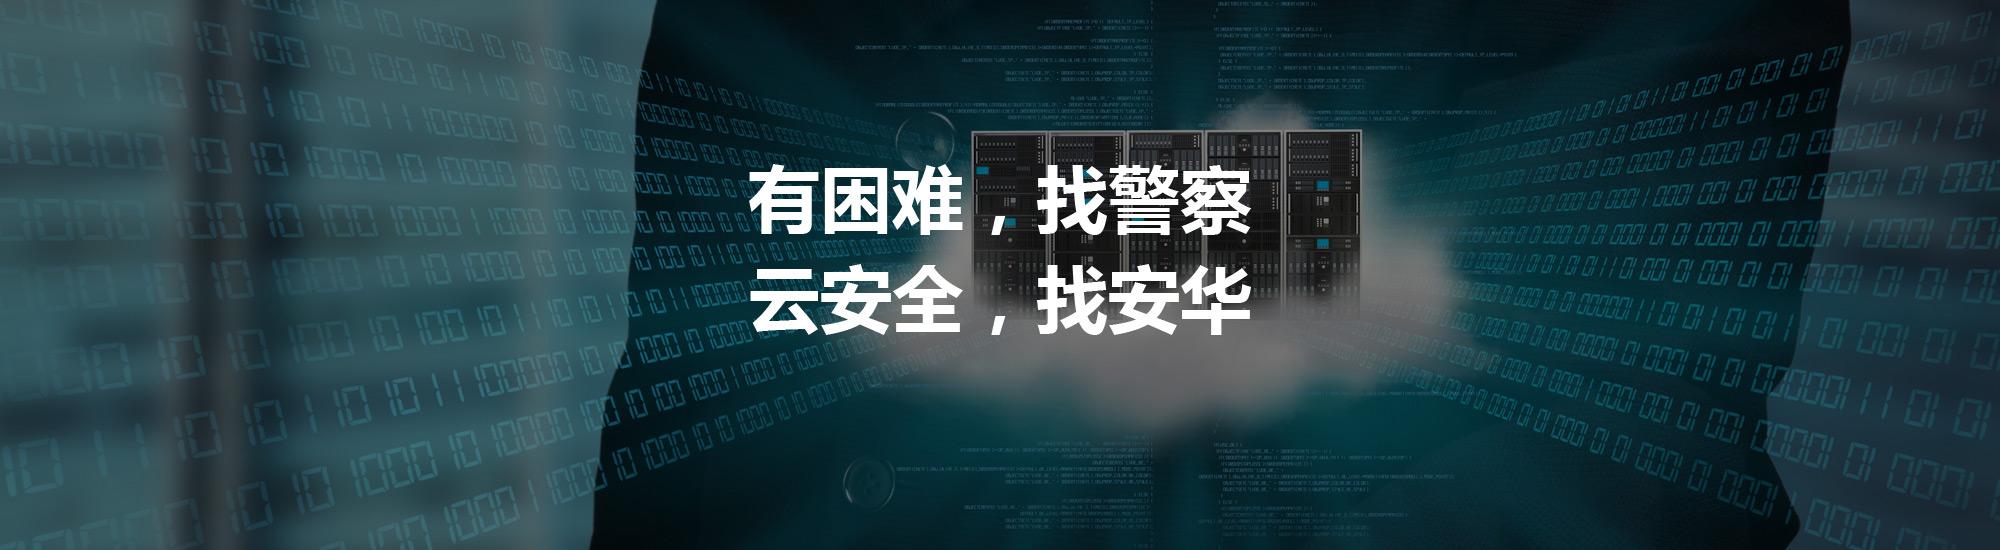 安华金和云数据库安全产品